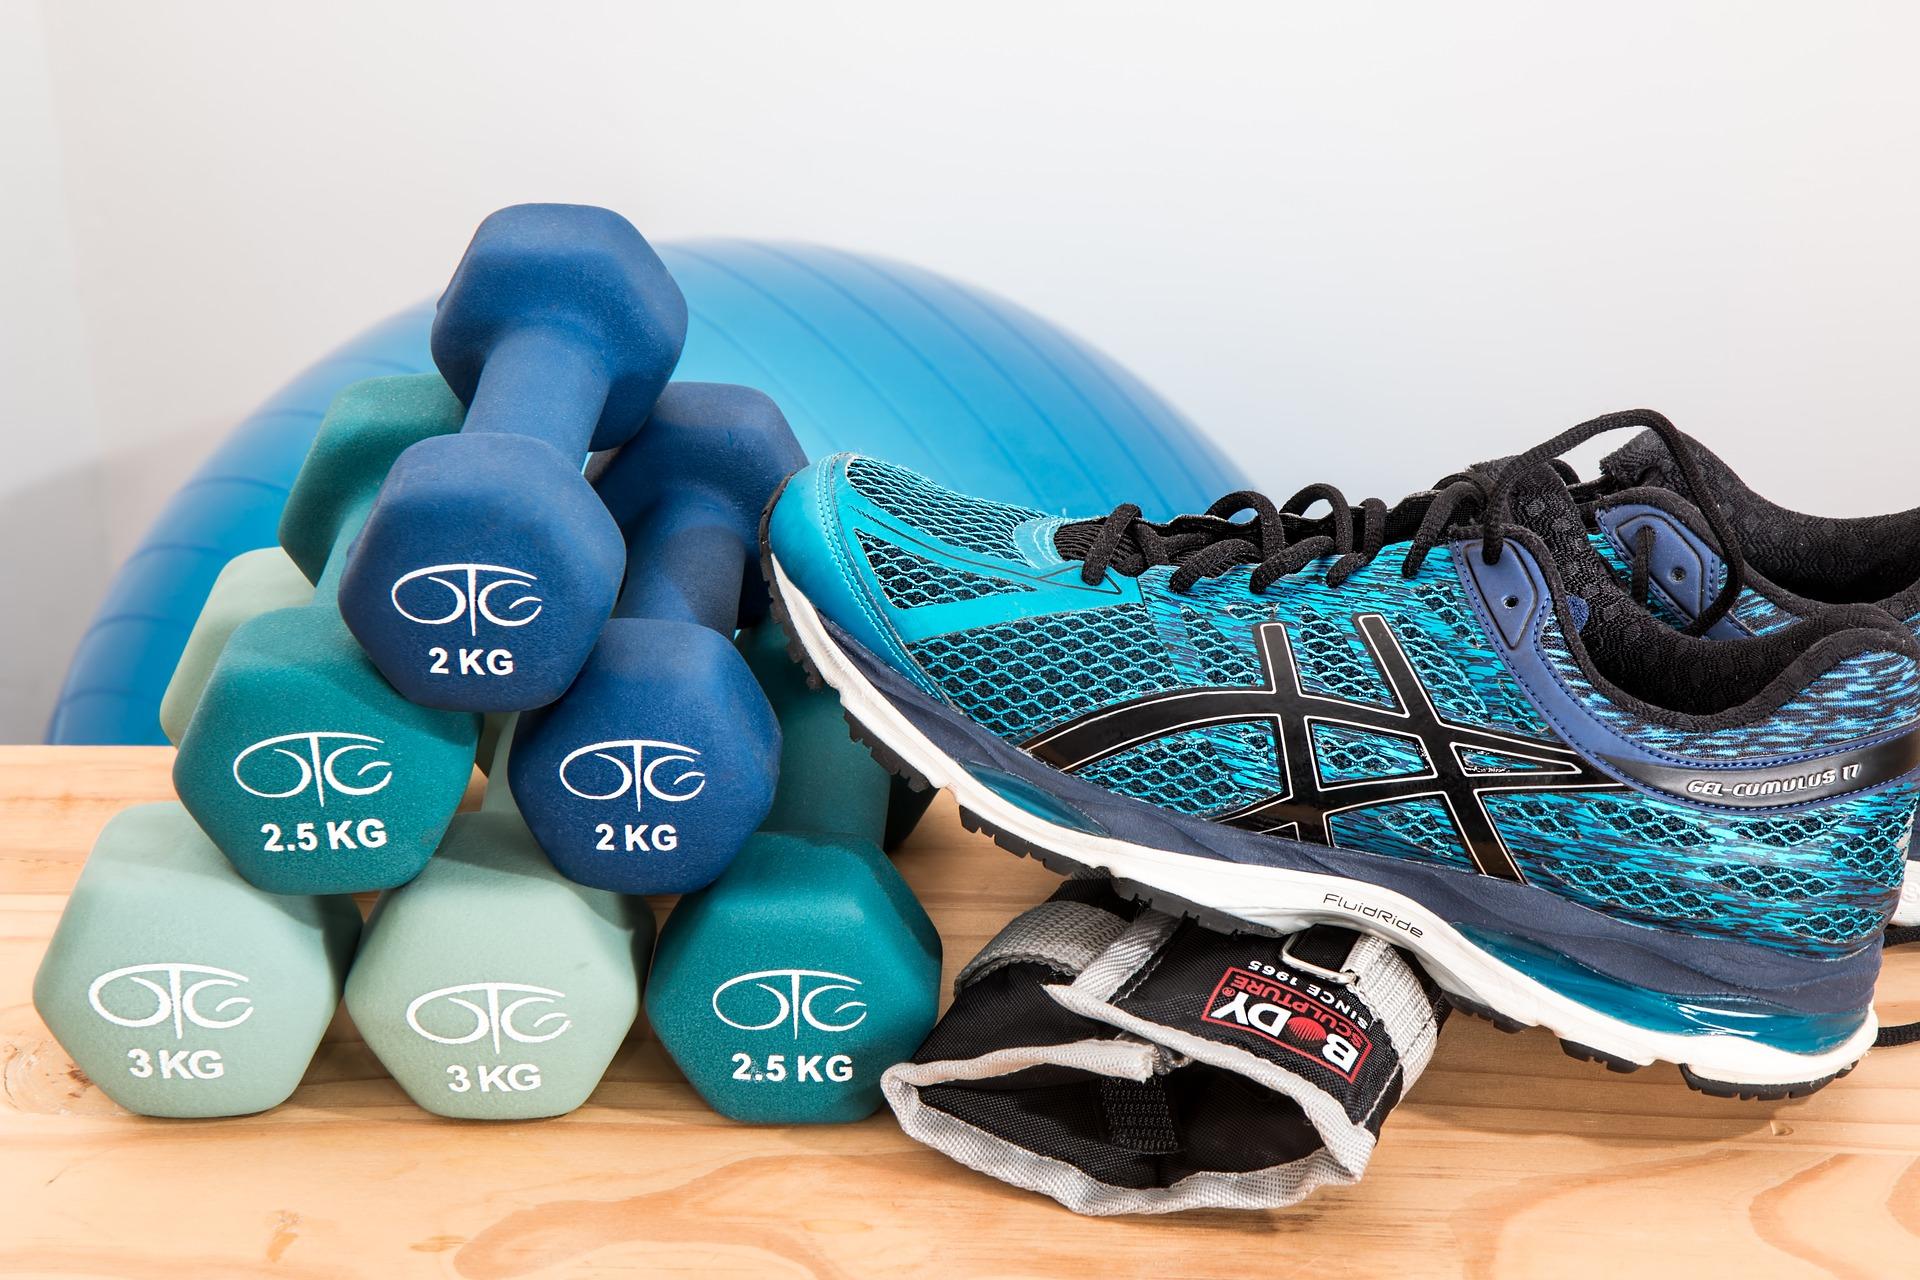 筋肉を落とさず2ヶ月で7キロ減!減量方法とPFCバランスの管理